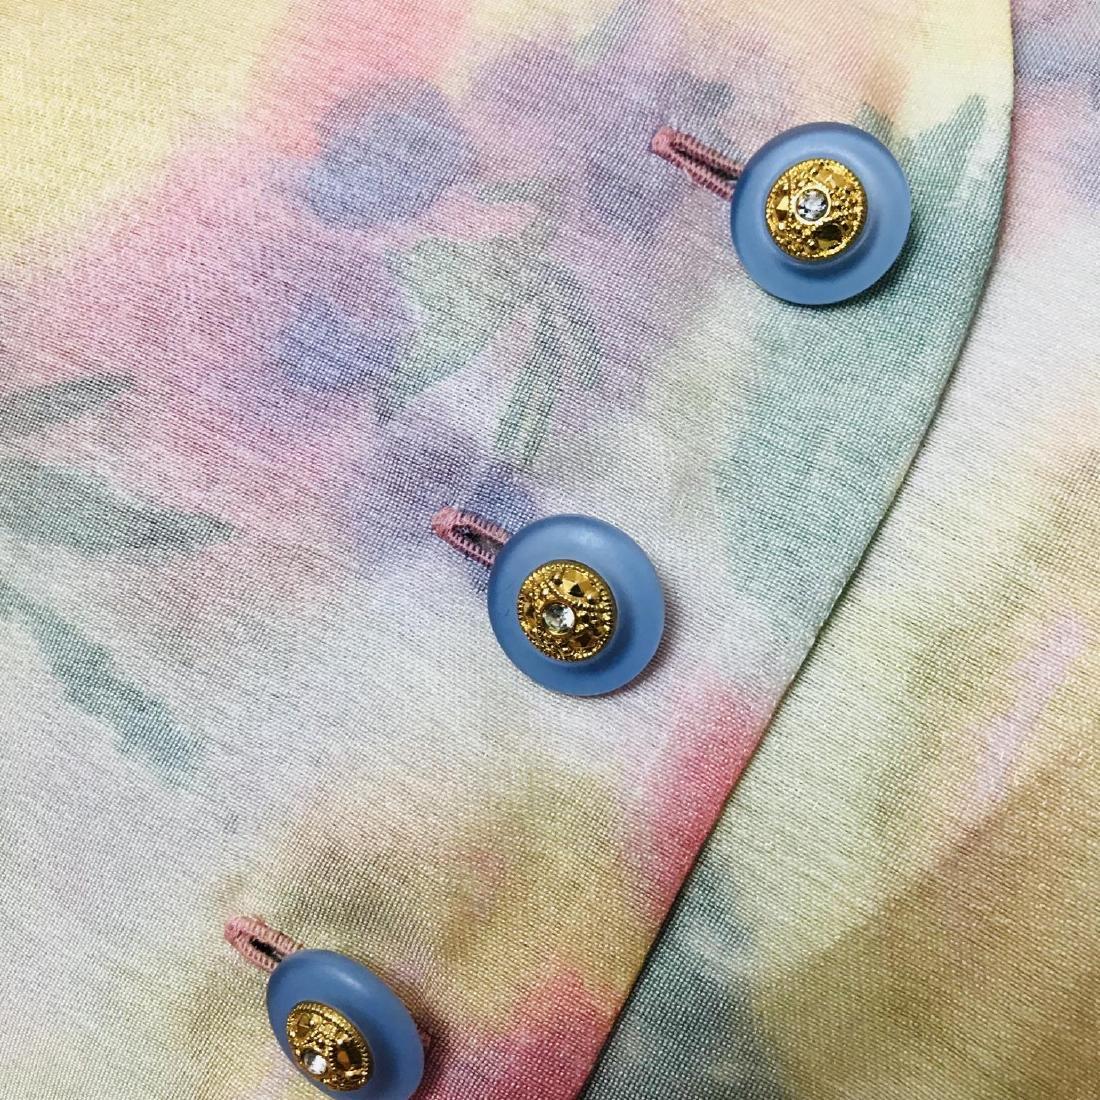 Vintage Women's FINK Blouse Shirt Top Size EUR 40 US 10 - 3